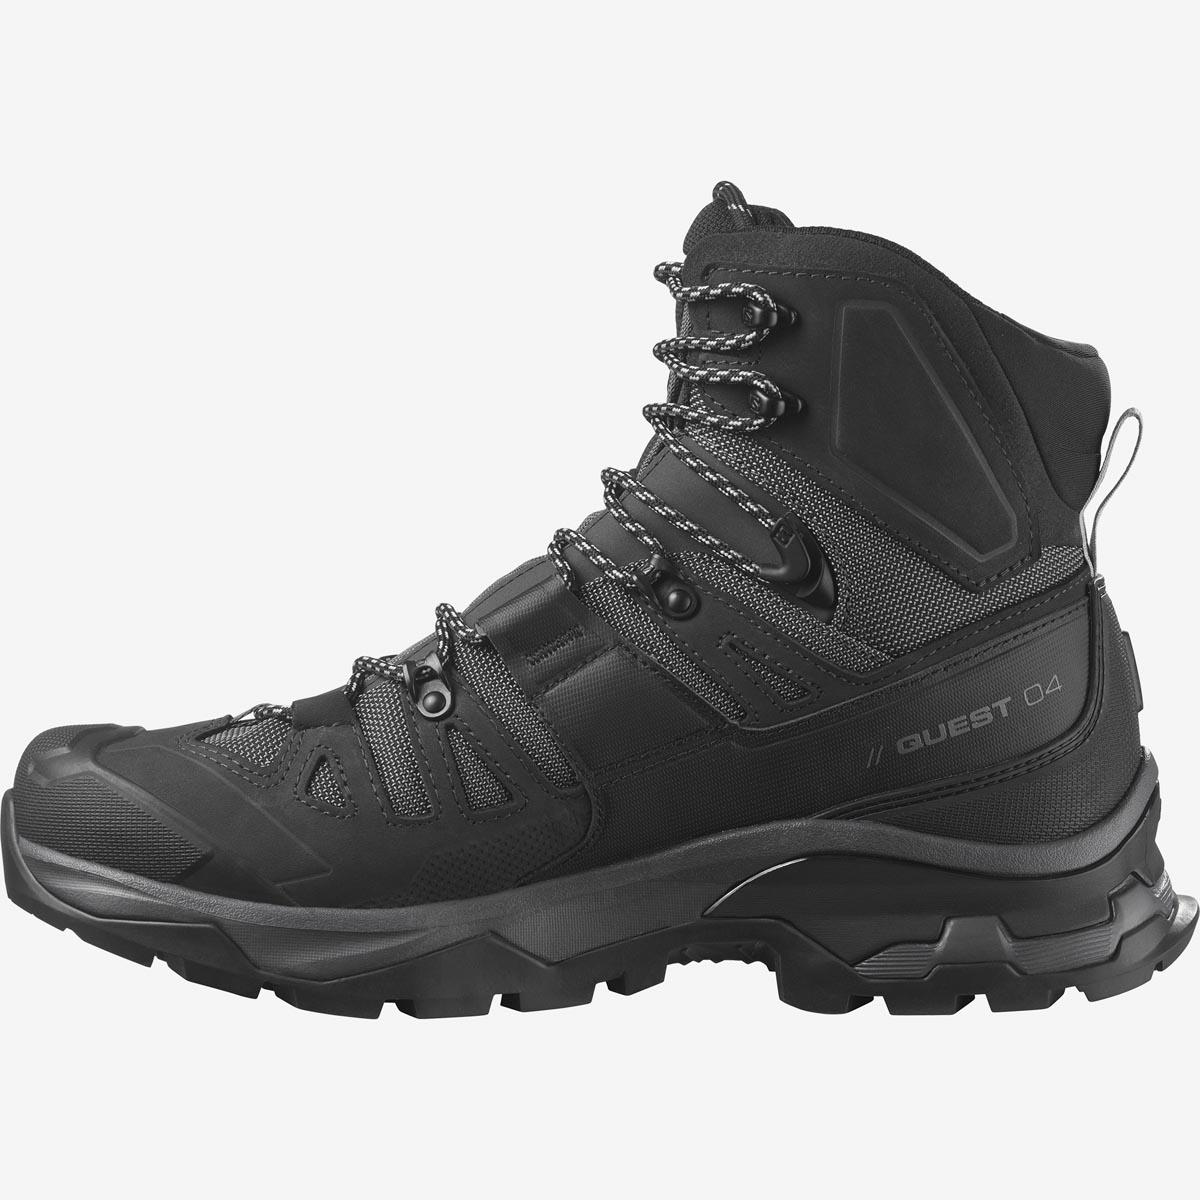 Ботинки QUEST 4 GTX